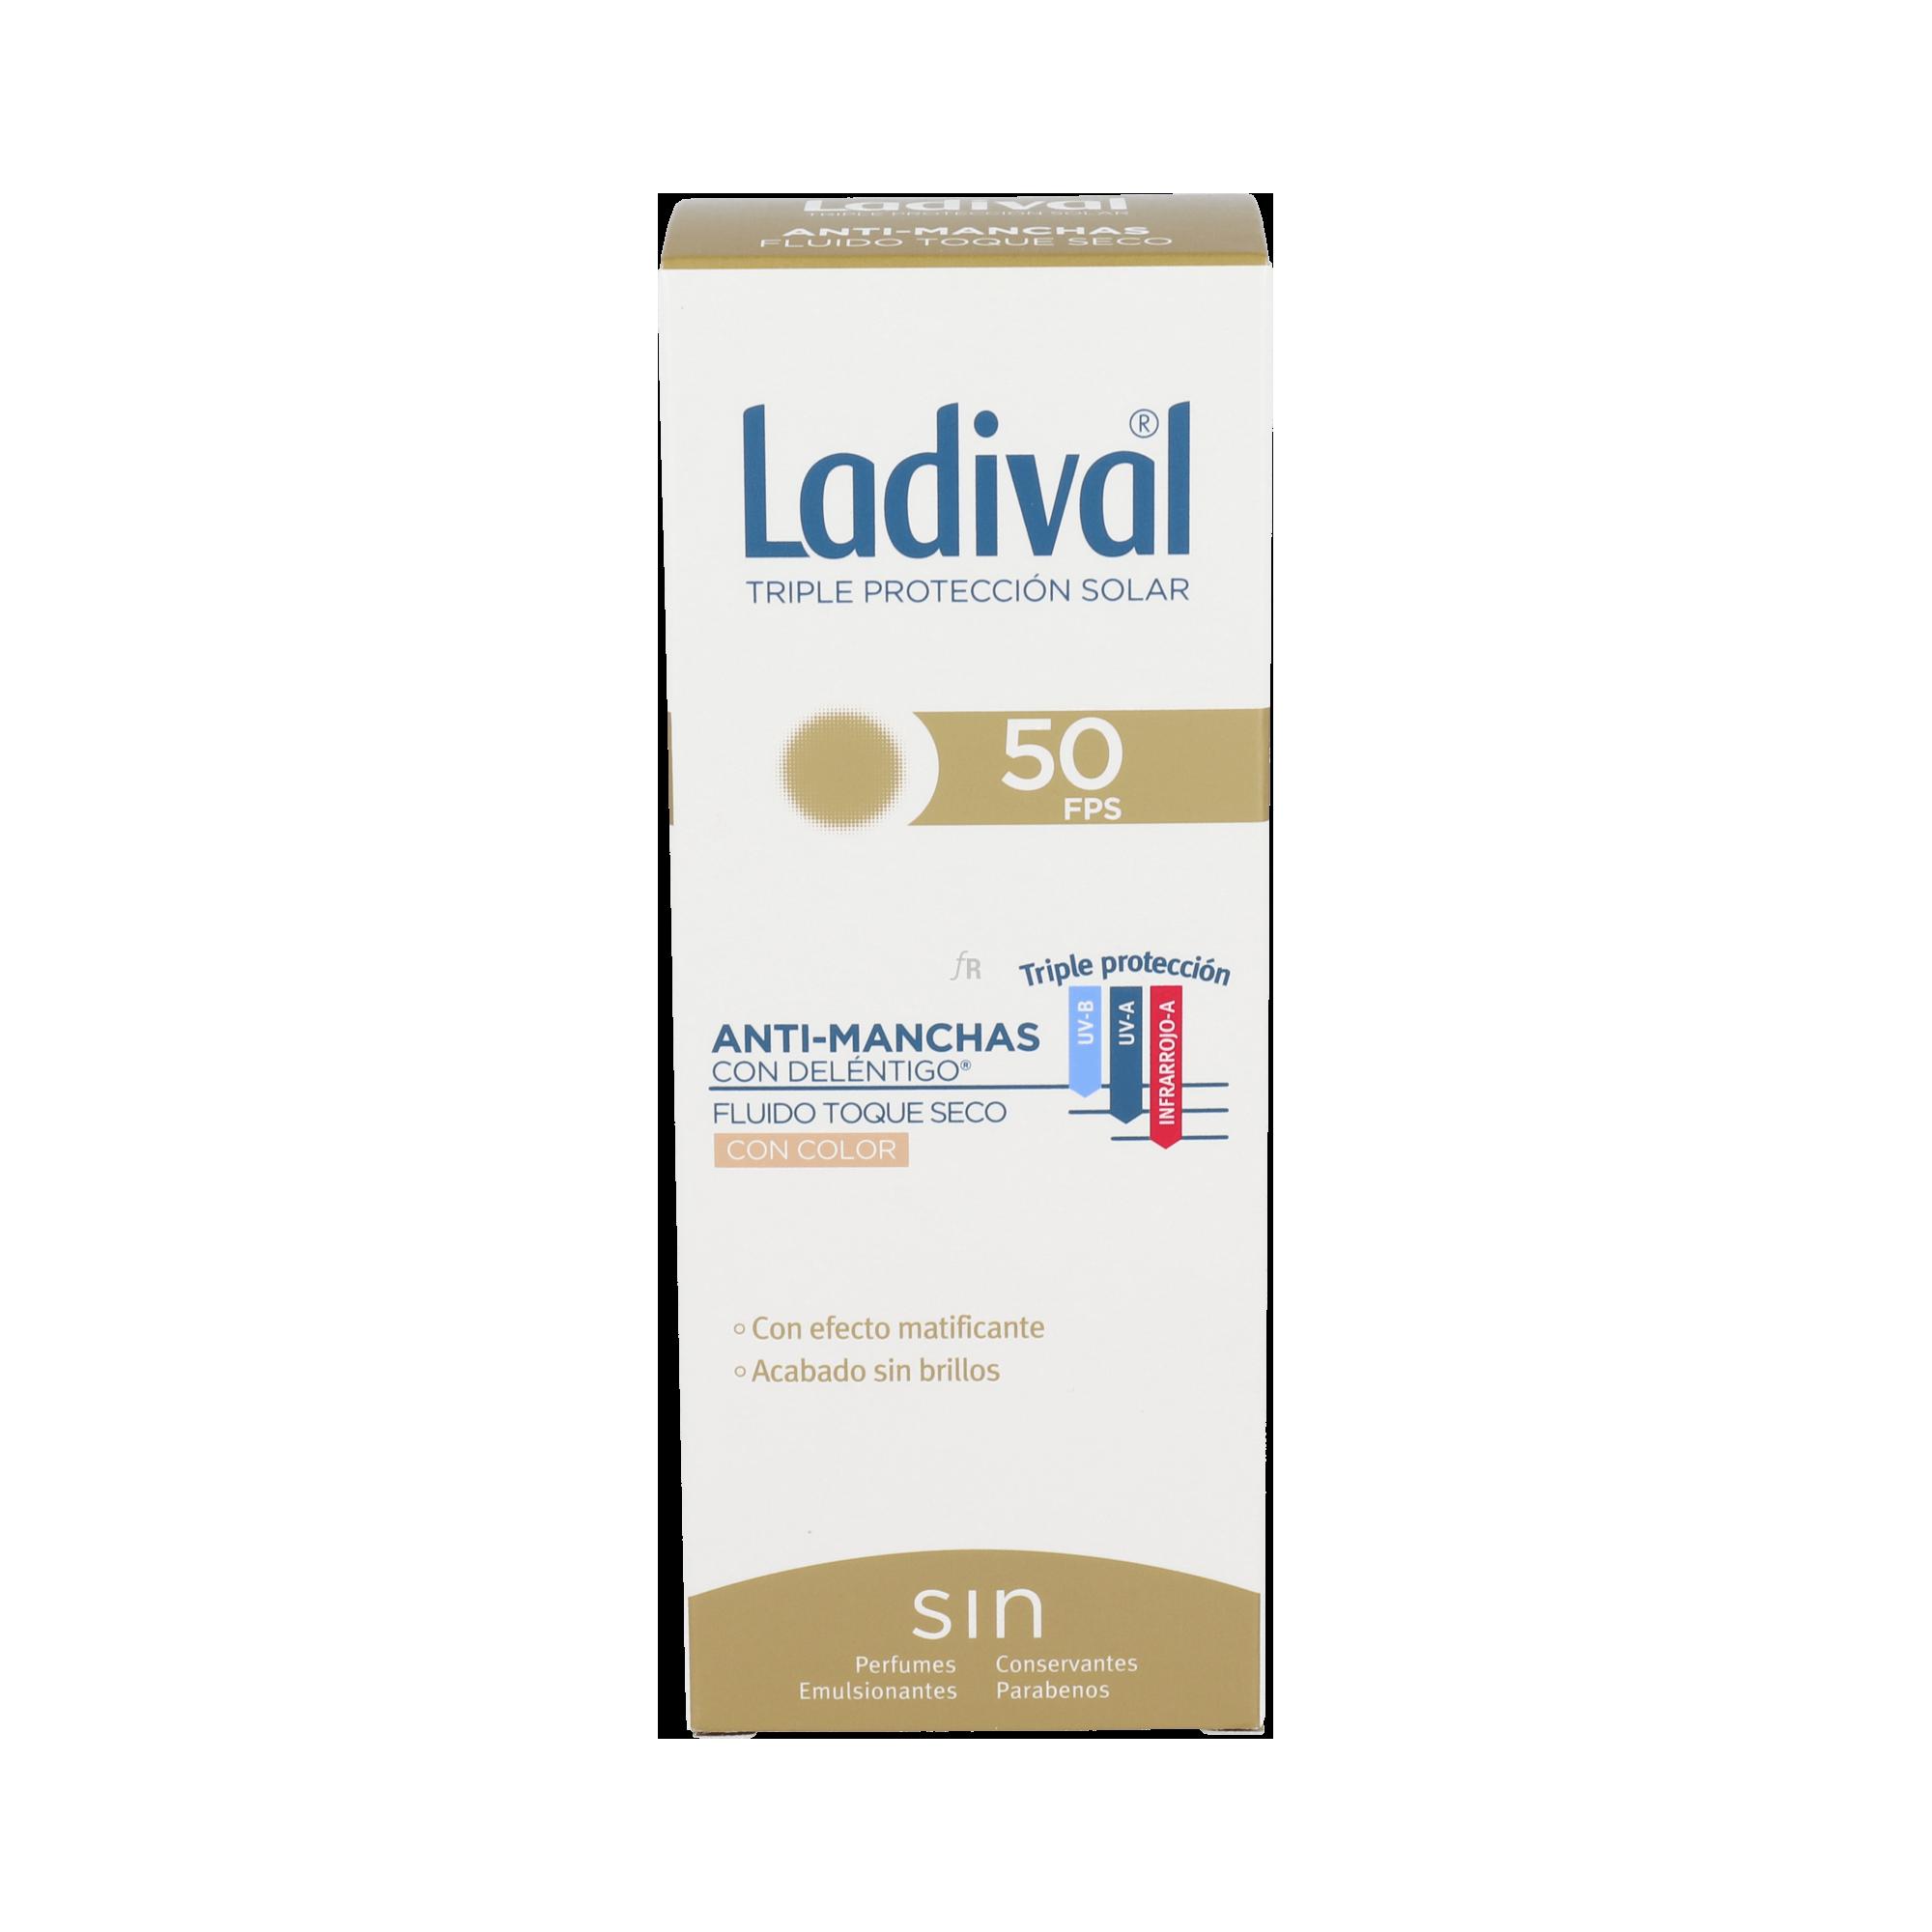 Ladival Antiman Toque Seco Cl Fp50+ 50 Ml